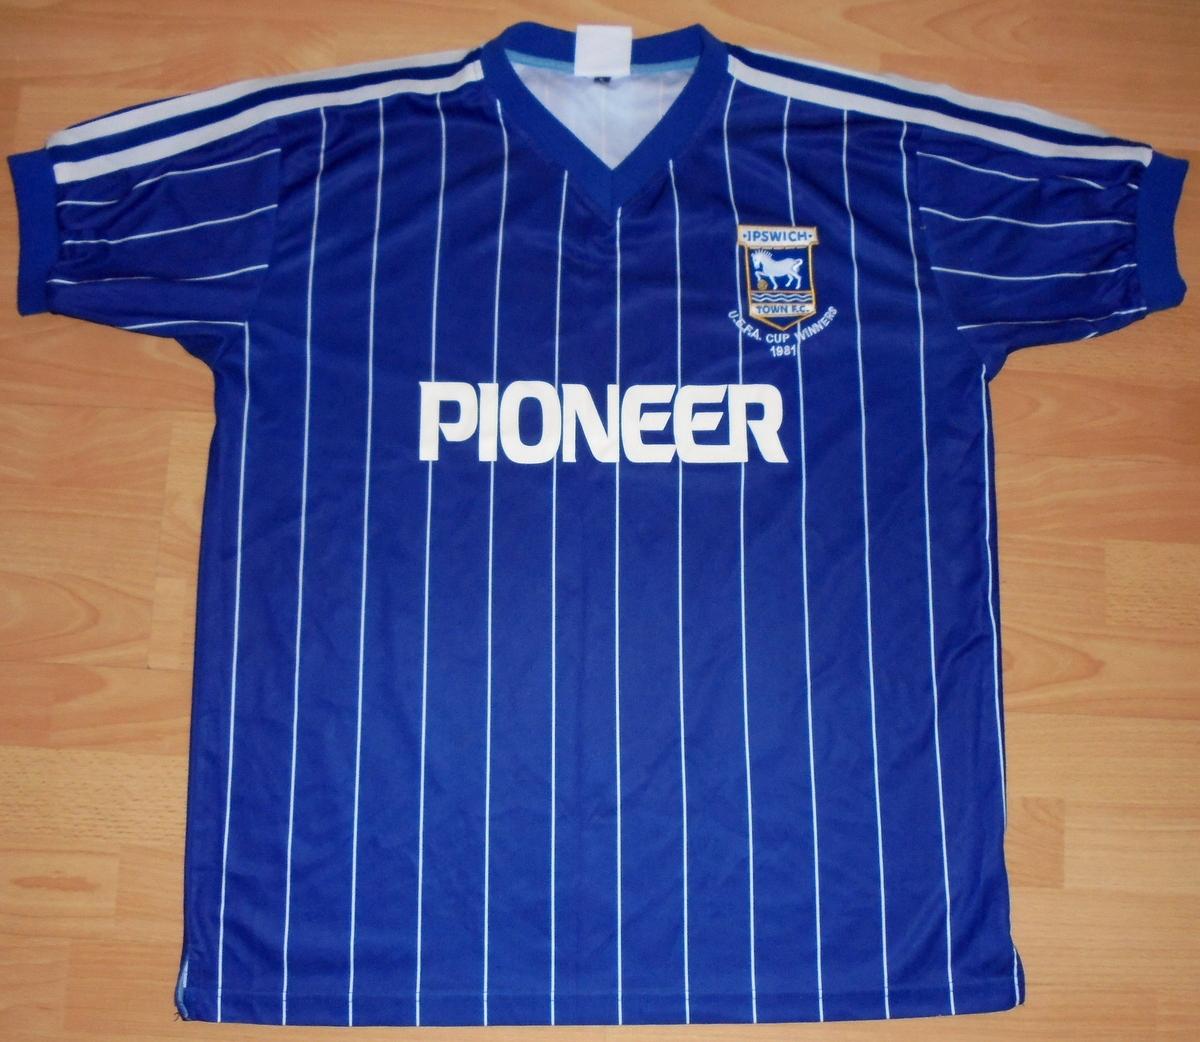 Koszulka Ipswich Town L Retro oldschool piooner